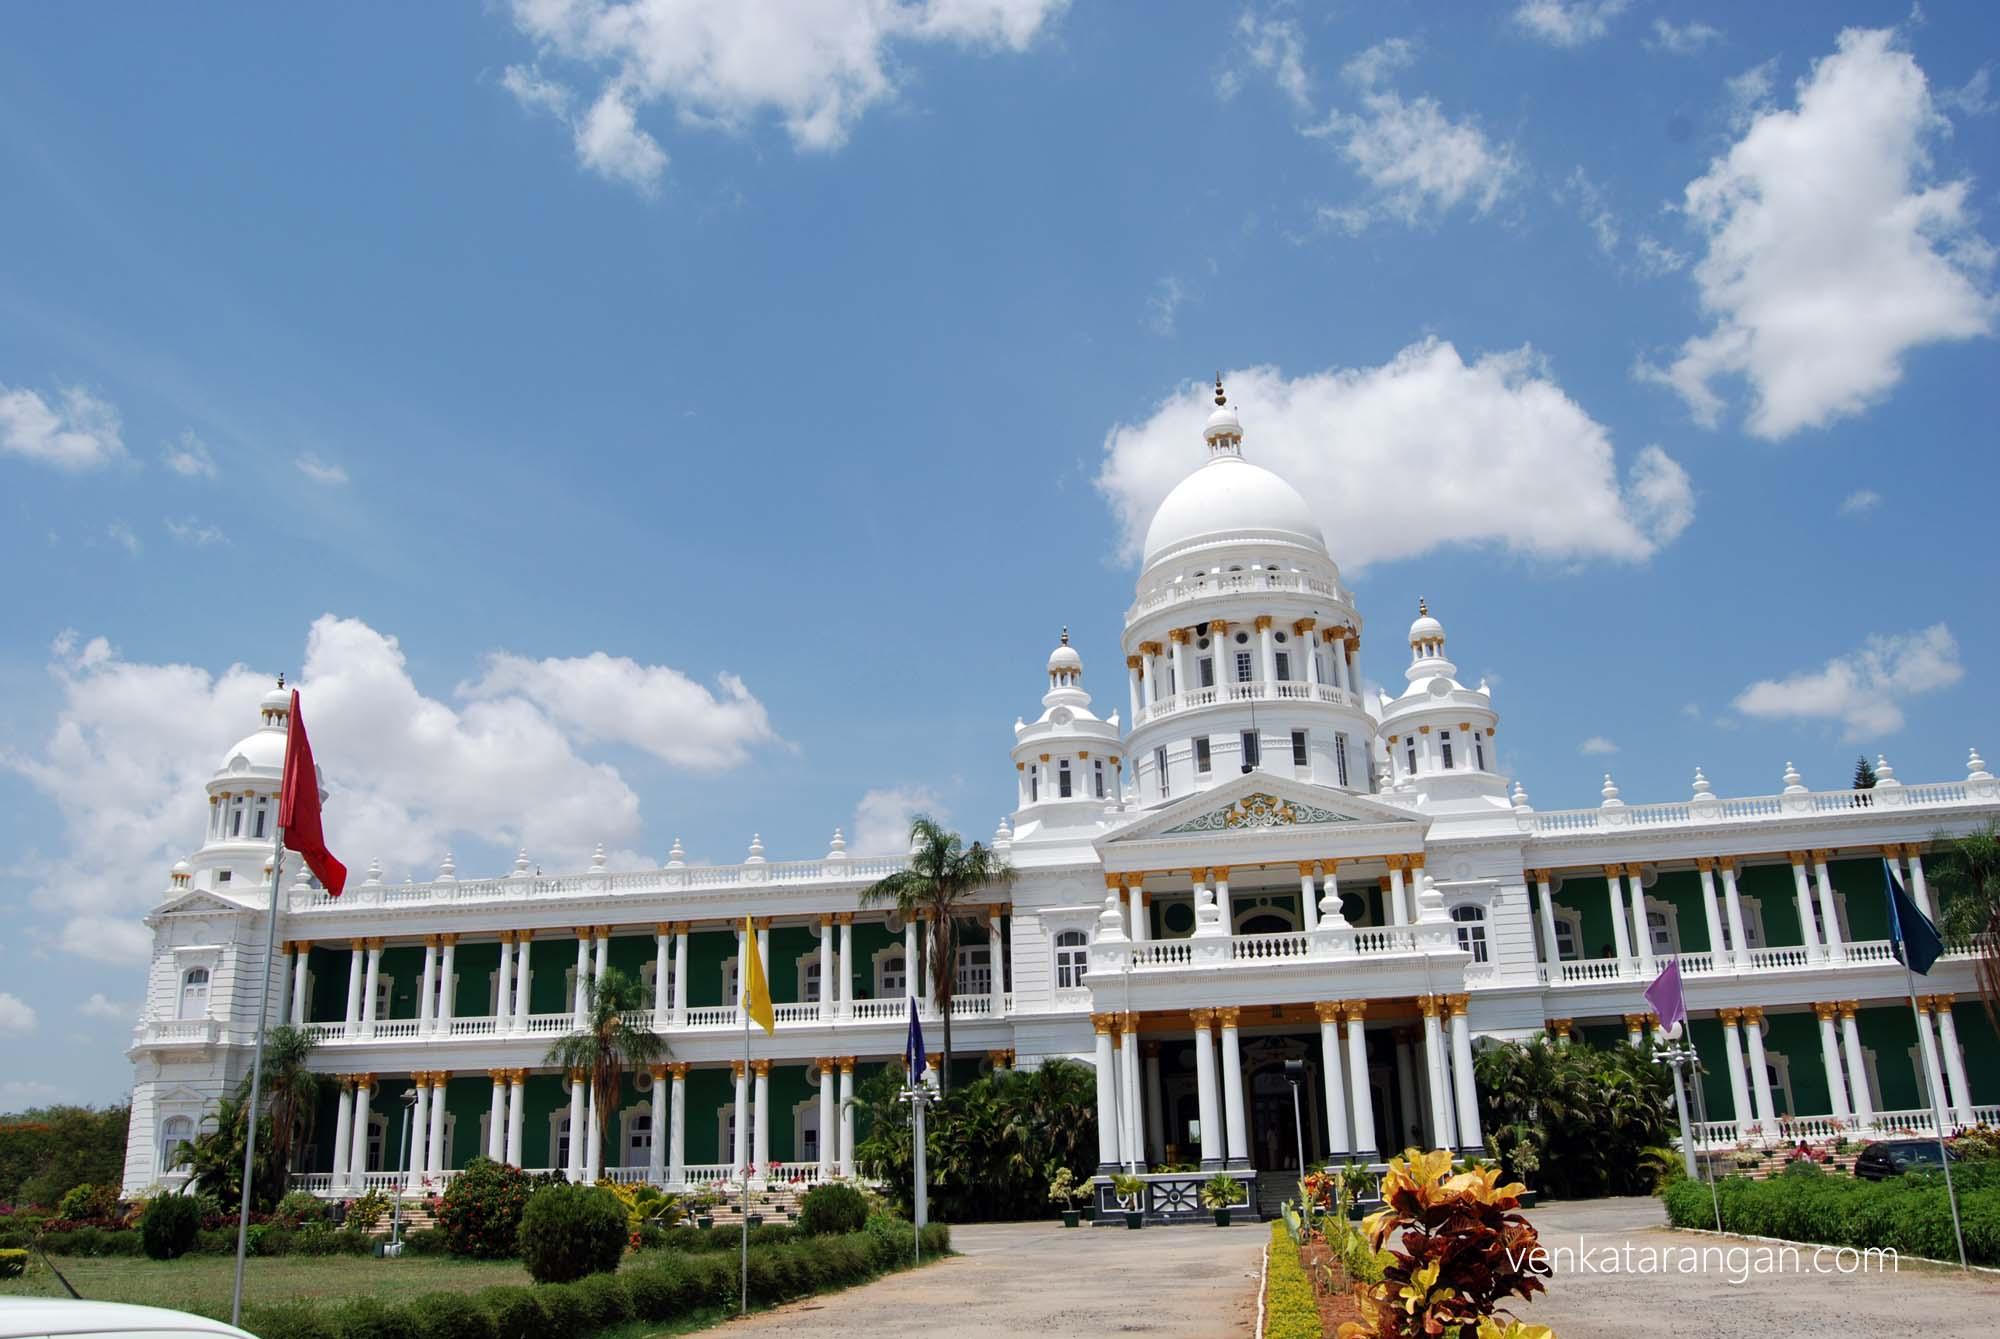 View of Lalitha Mahal Palace